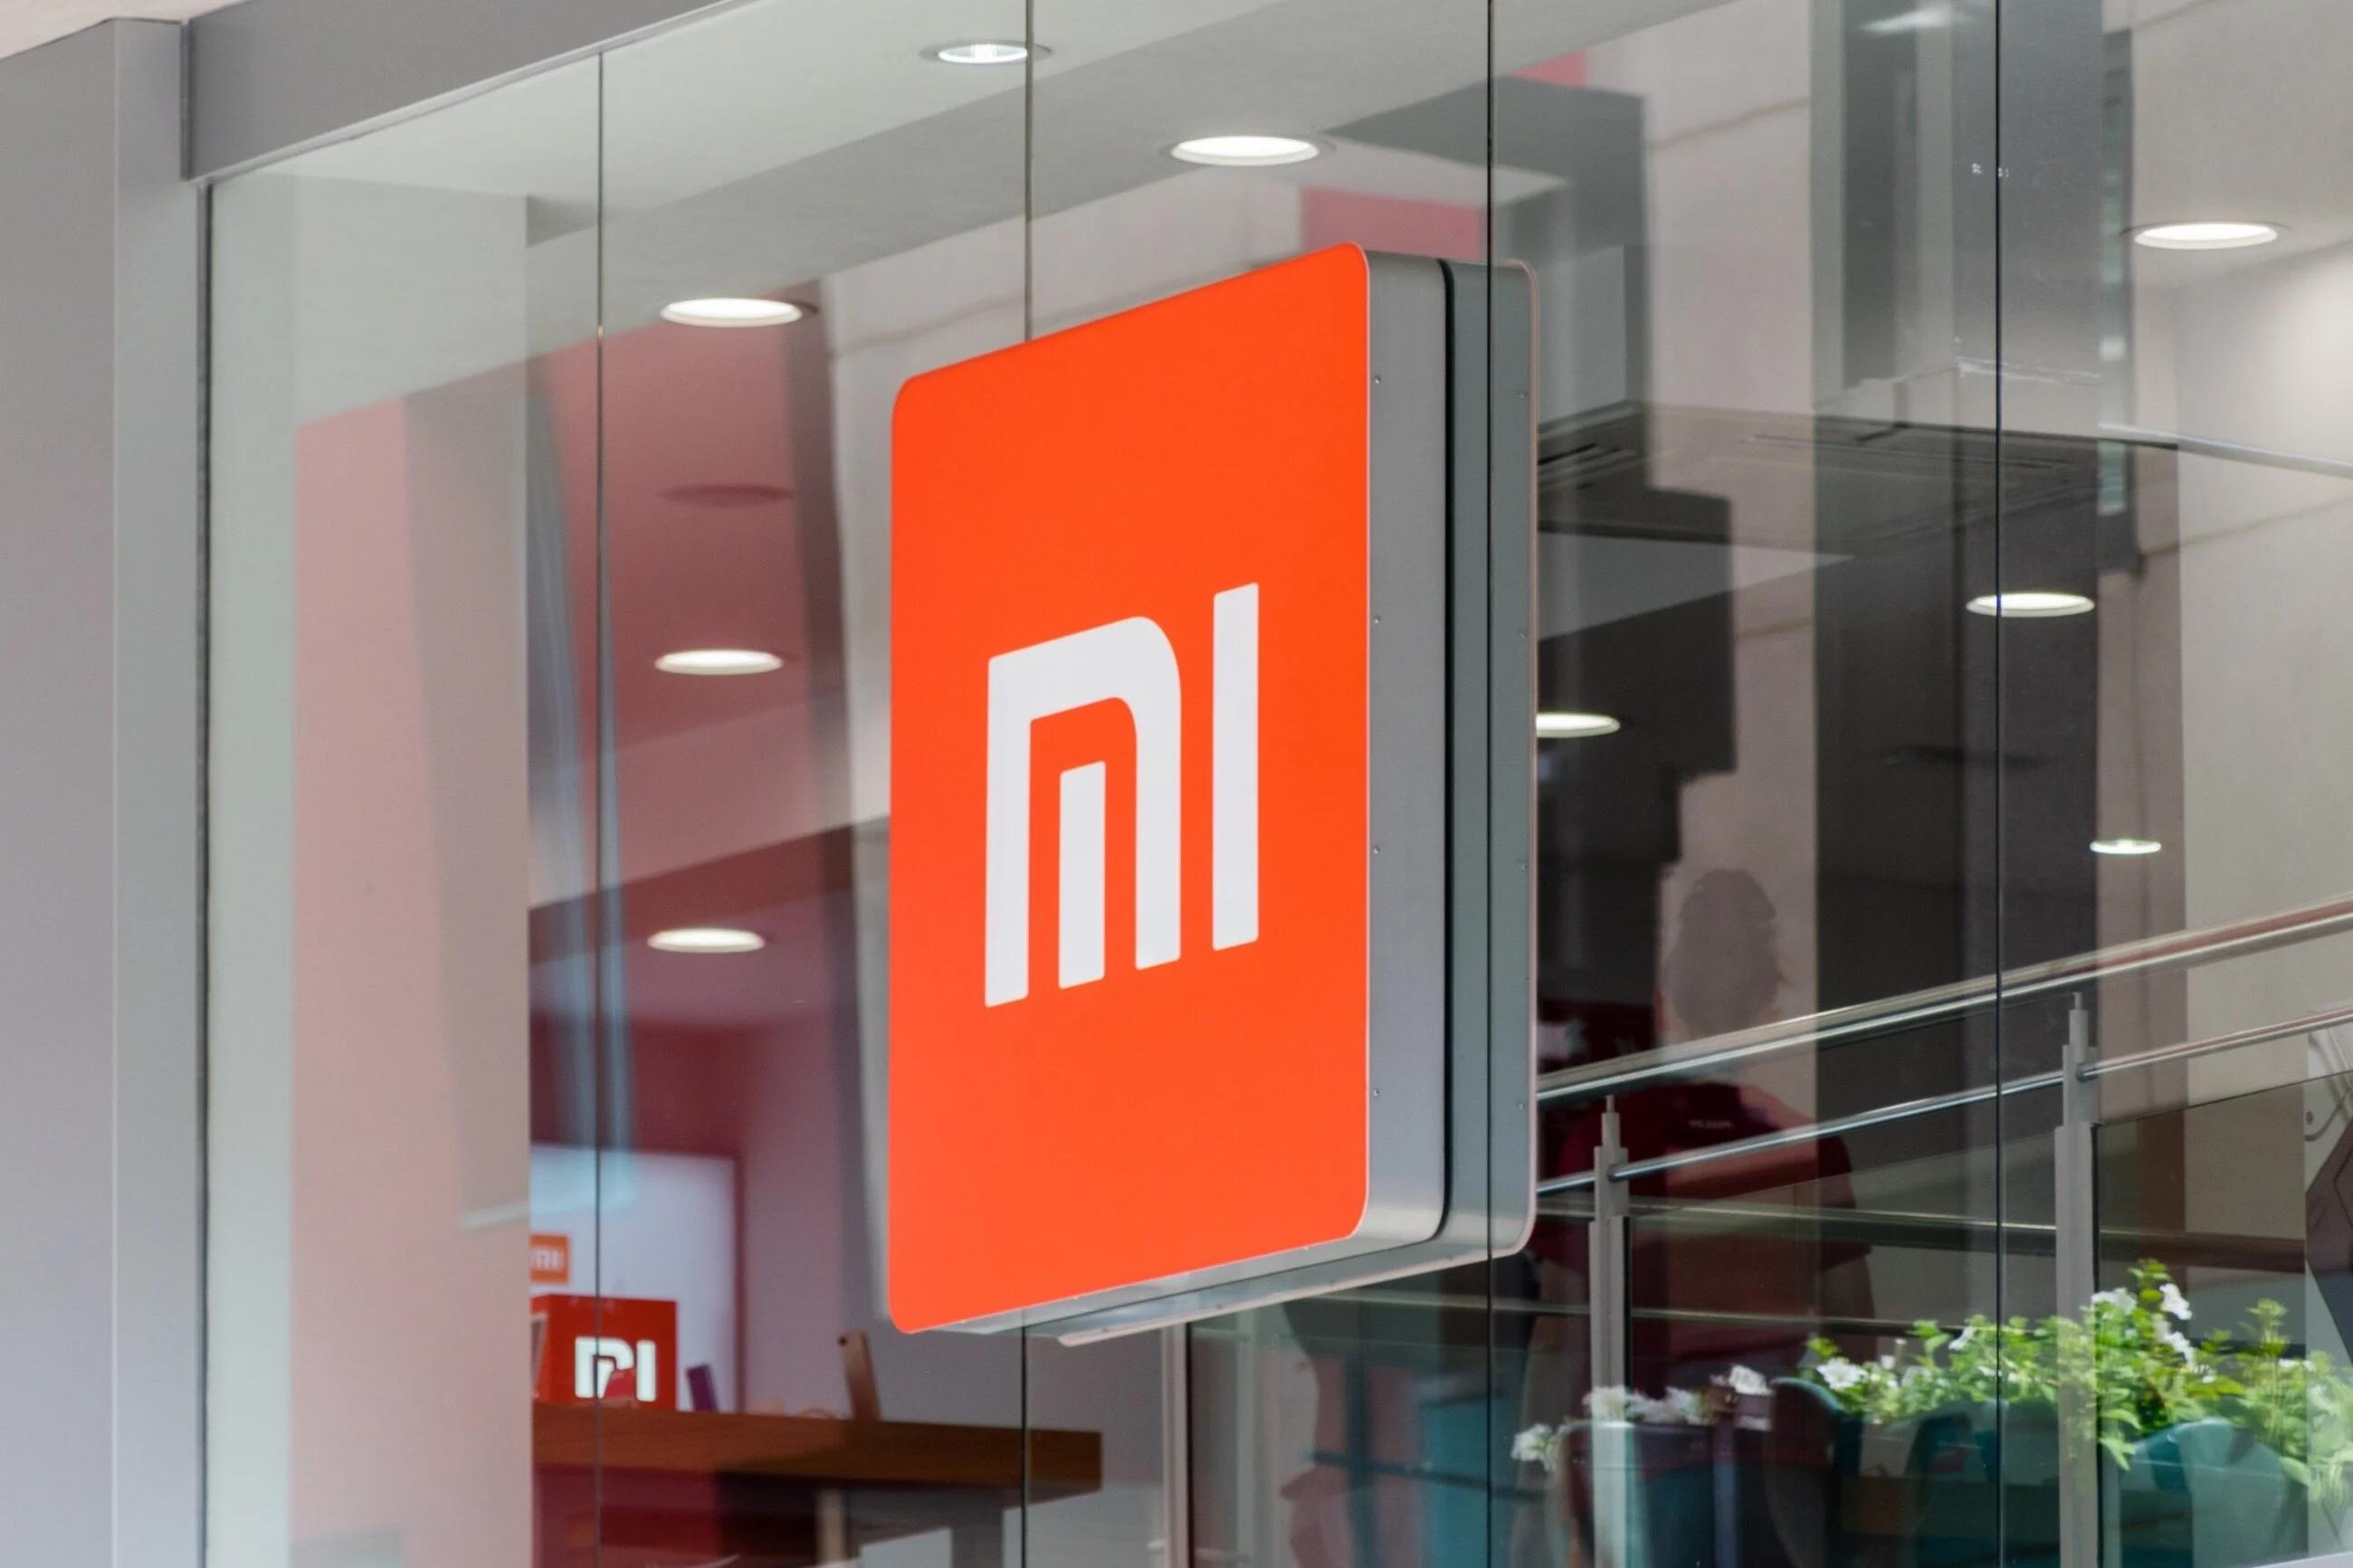 Samsung, берегись! Xiaomi обошла Apple и стала вторым самым крупным производителем смартфонов в мире